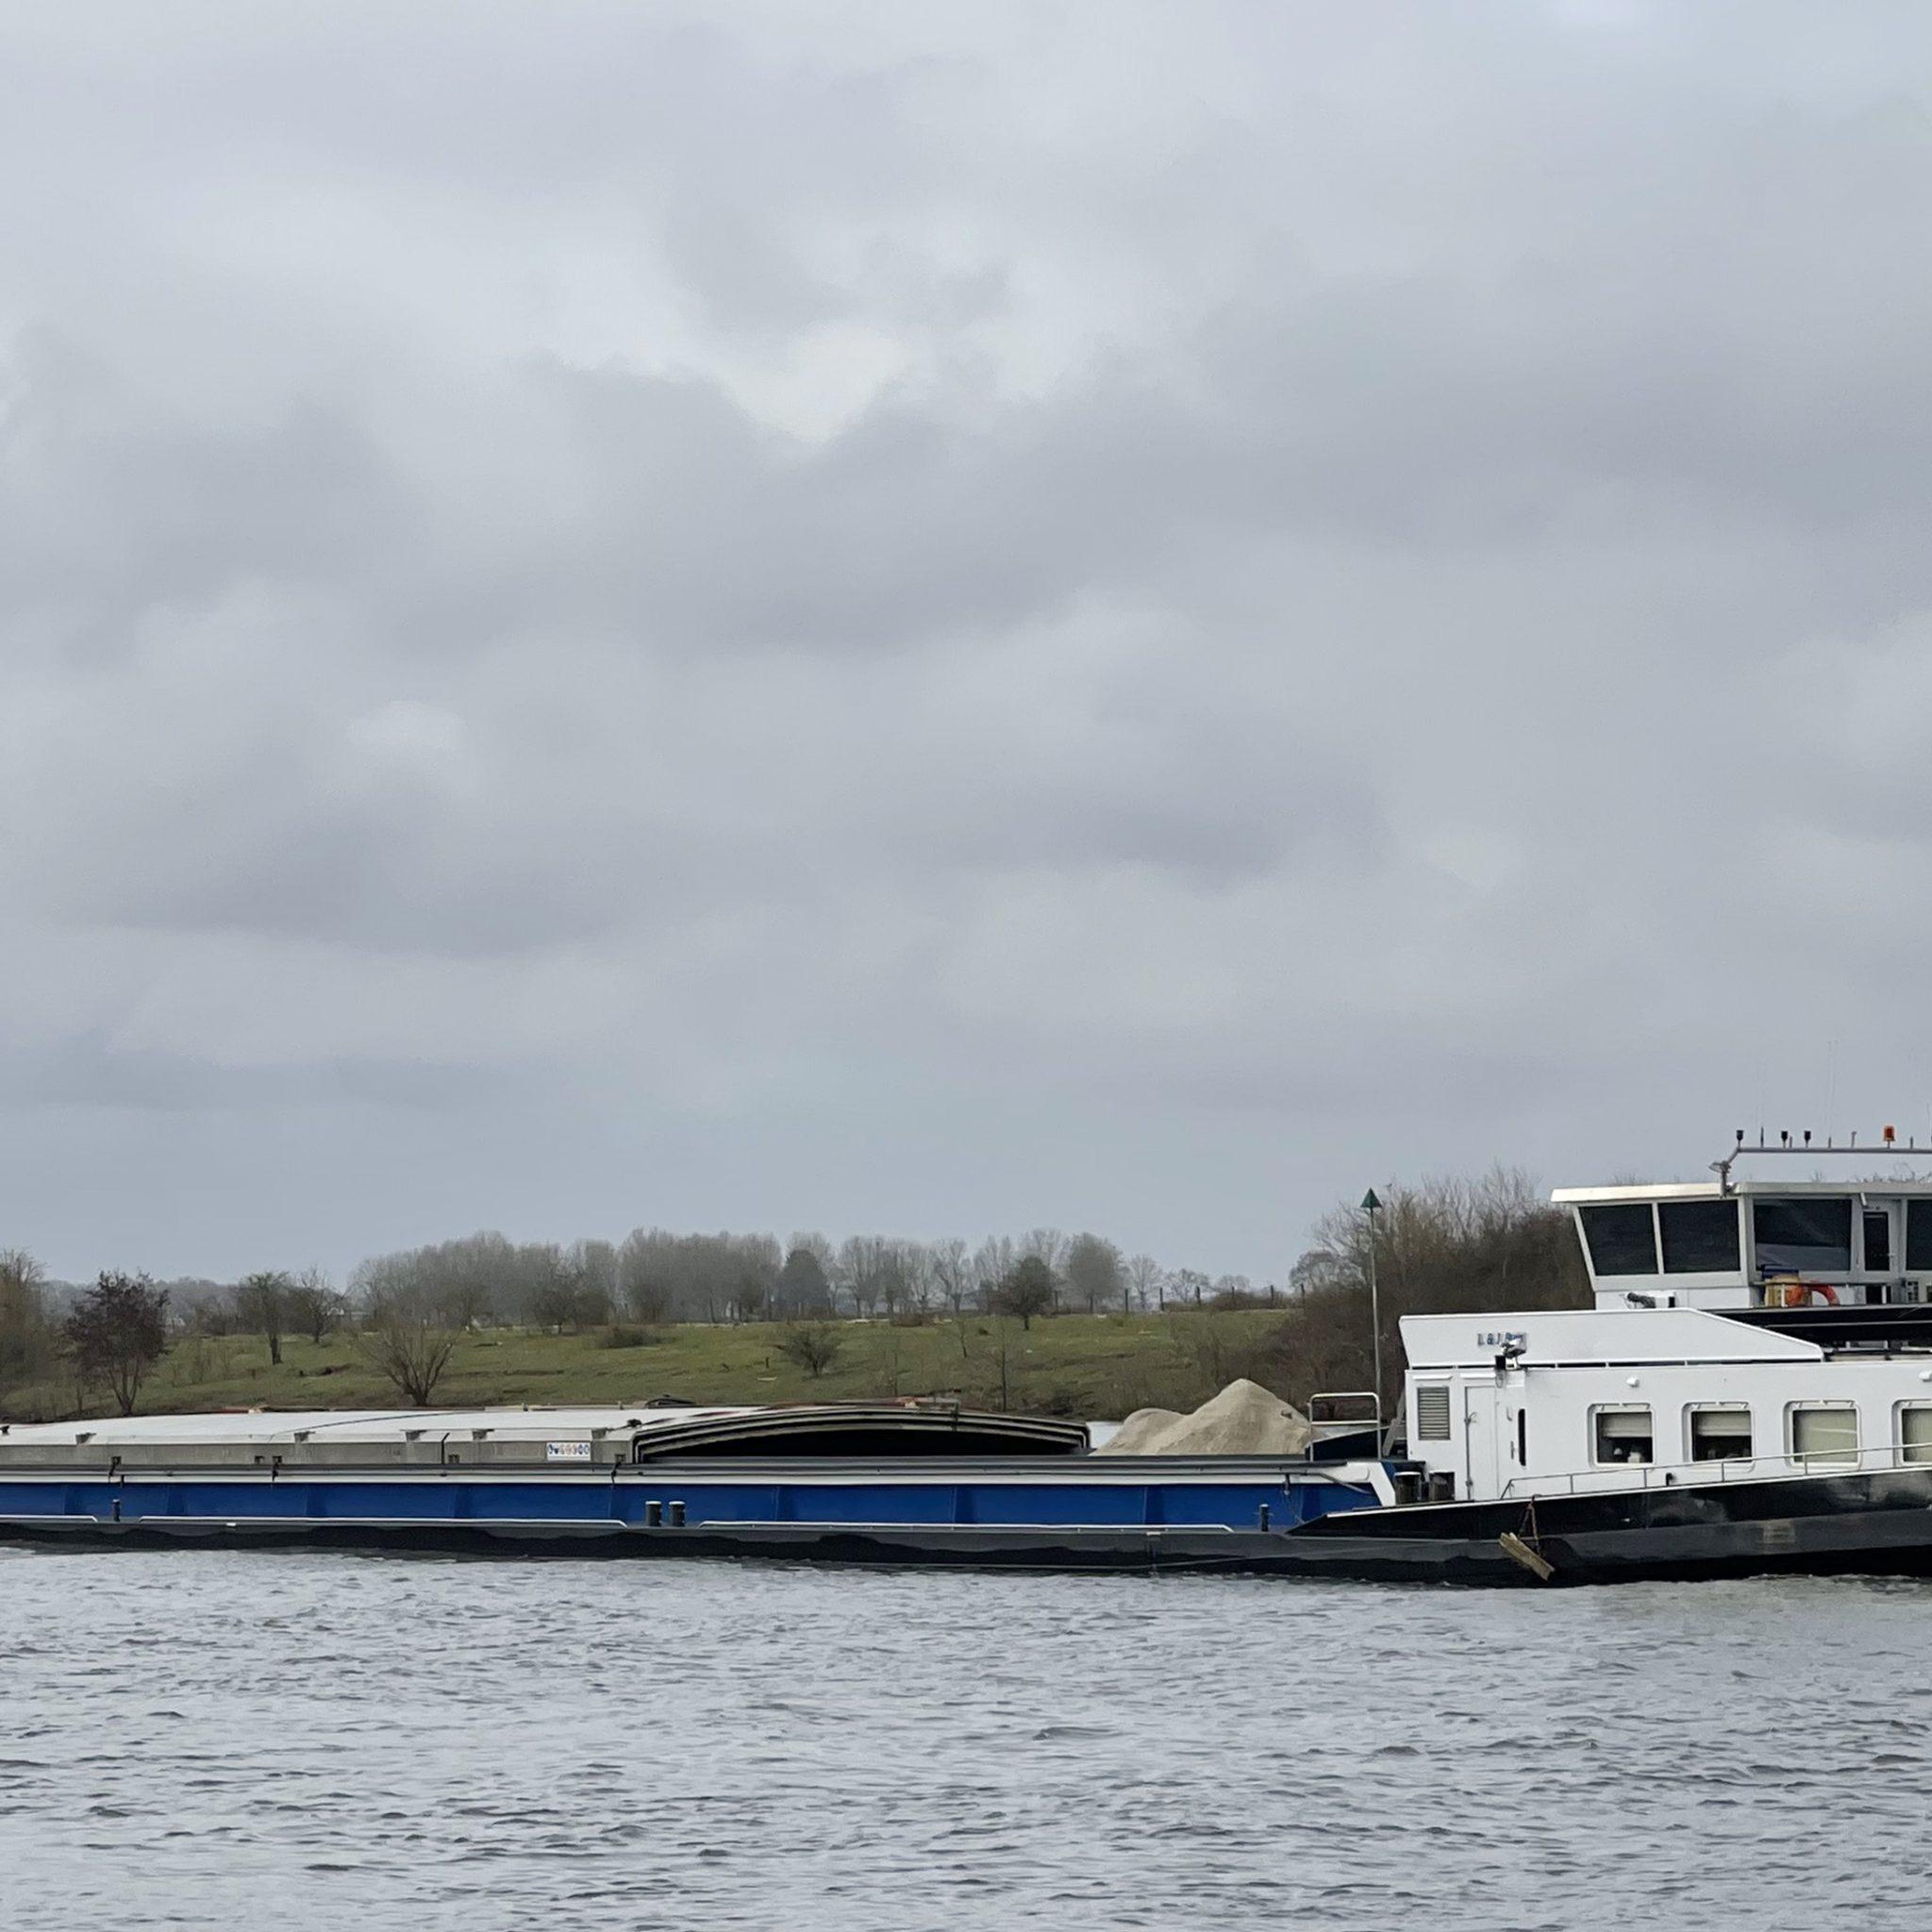 Volgens de Rabobank hebben vooral de oudere en kleinere binnenvaartschepen minder mogelijkheden om te investeren in verduurzaming. Het zorgt mogelijk voor het nog sneller verdwijnen van de kleine binnenvaart. En dat kan weer voor het gevreesde reverse modal shift zorgen. (Foto Erik van Huizen)